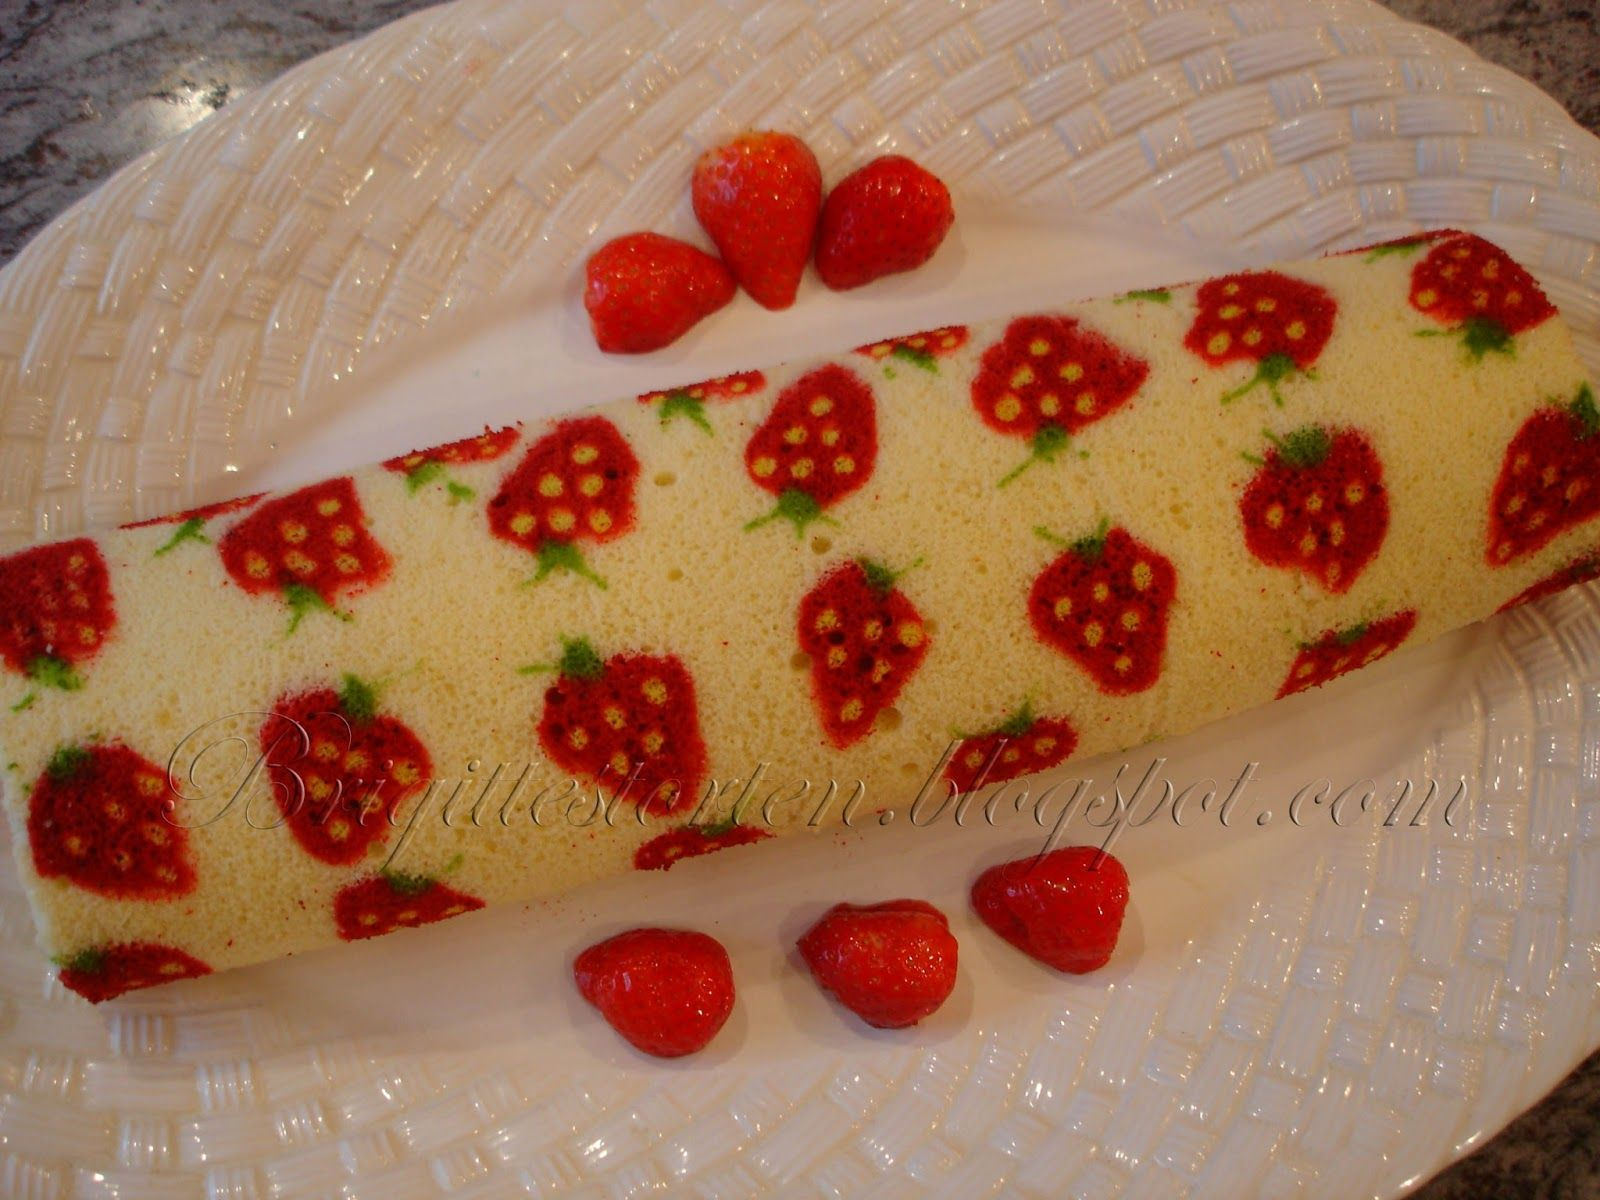 Dekorierte Biskuitrolle Mit Erdbeermotiv Swiss Merinque Rolls Tutorial Brigittes Tortendesign Tortendesign Biskuitrolle Rollkuchen